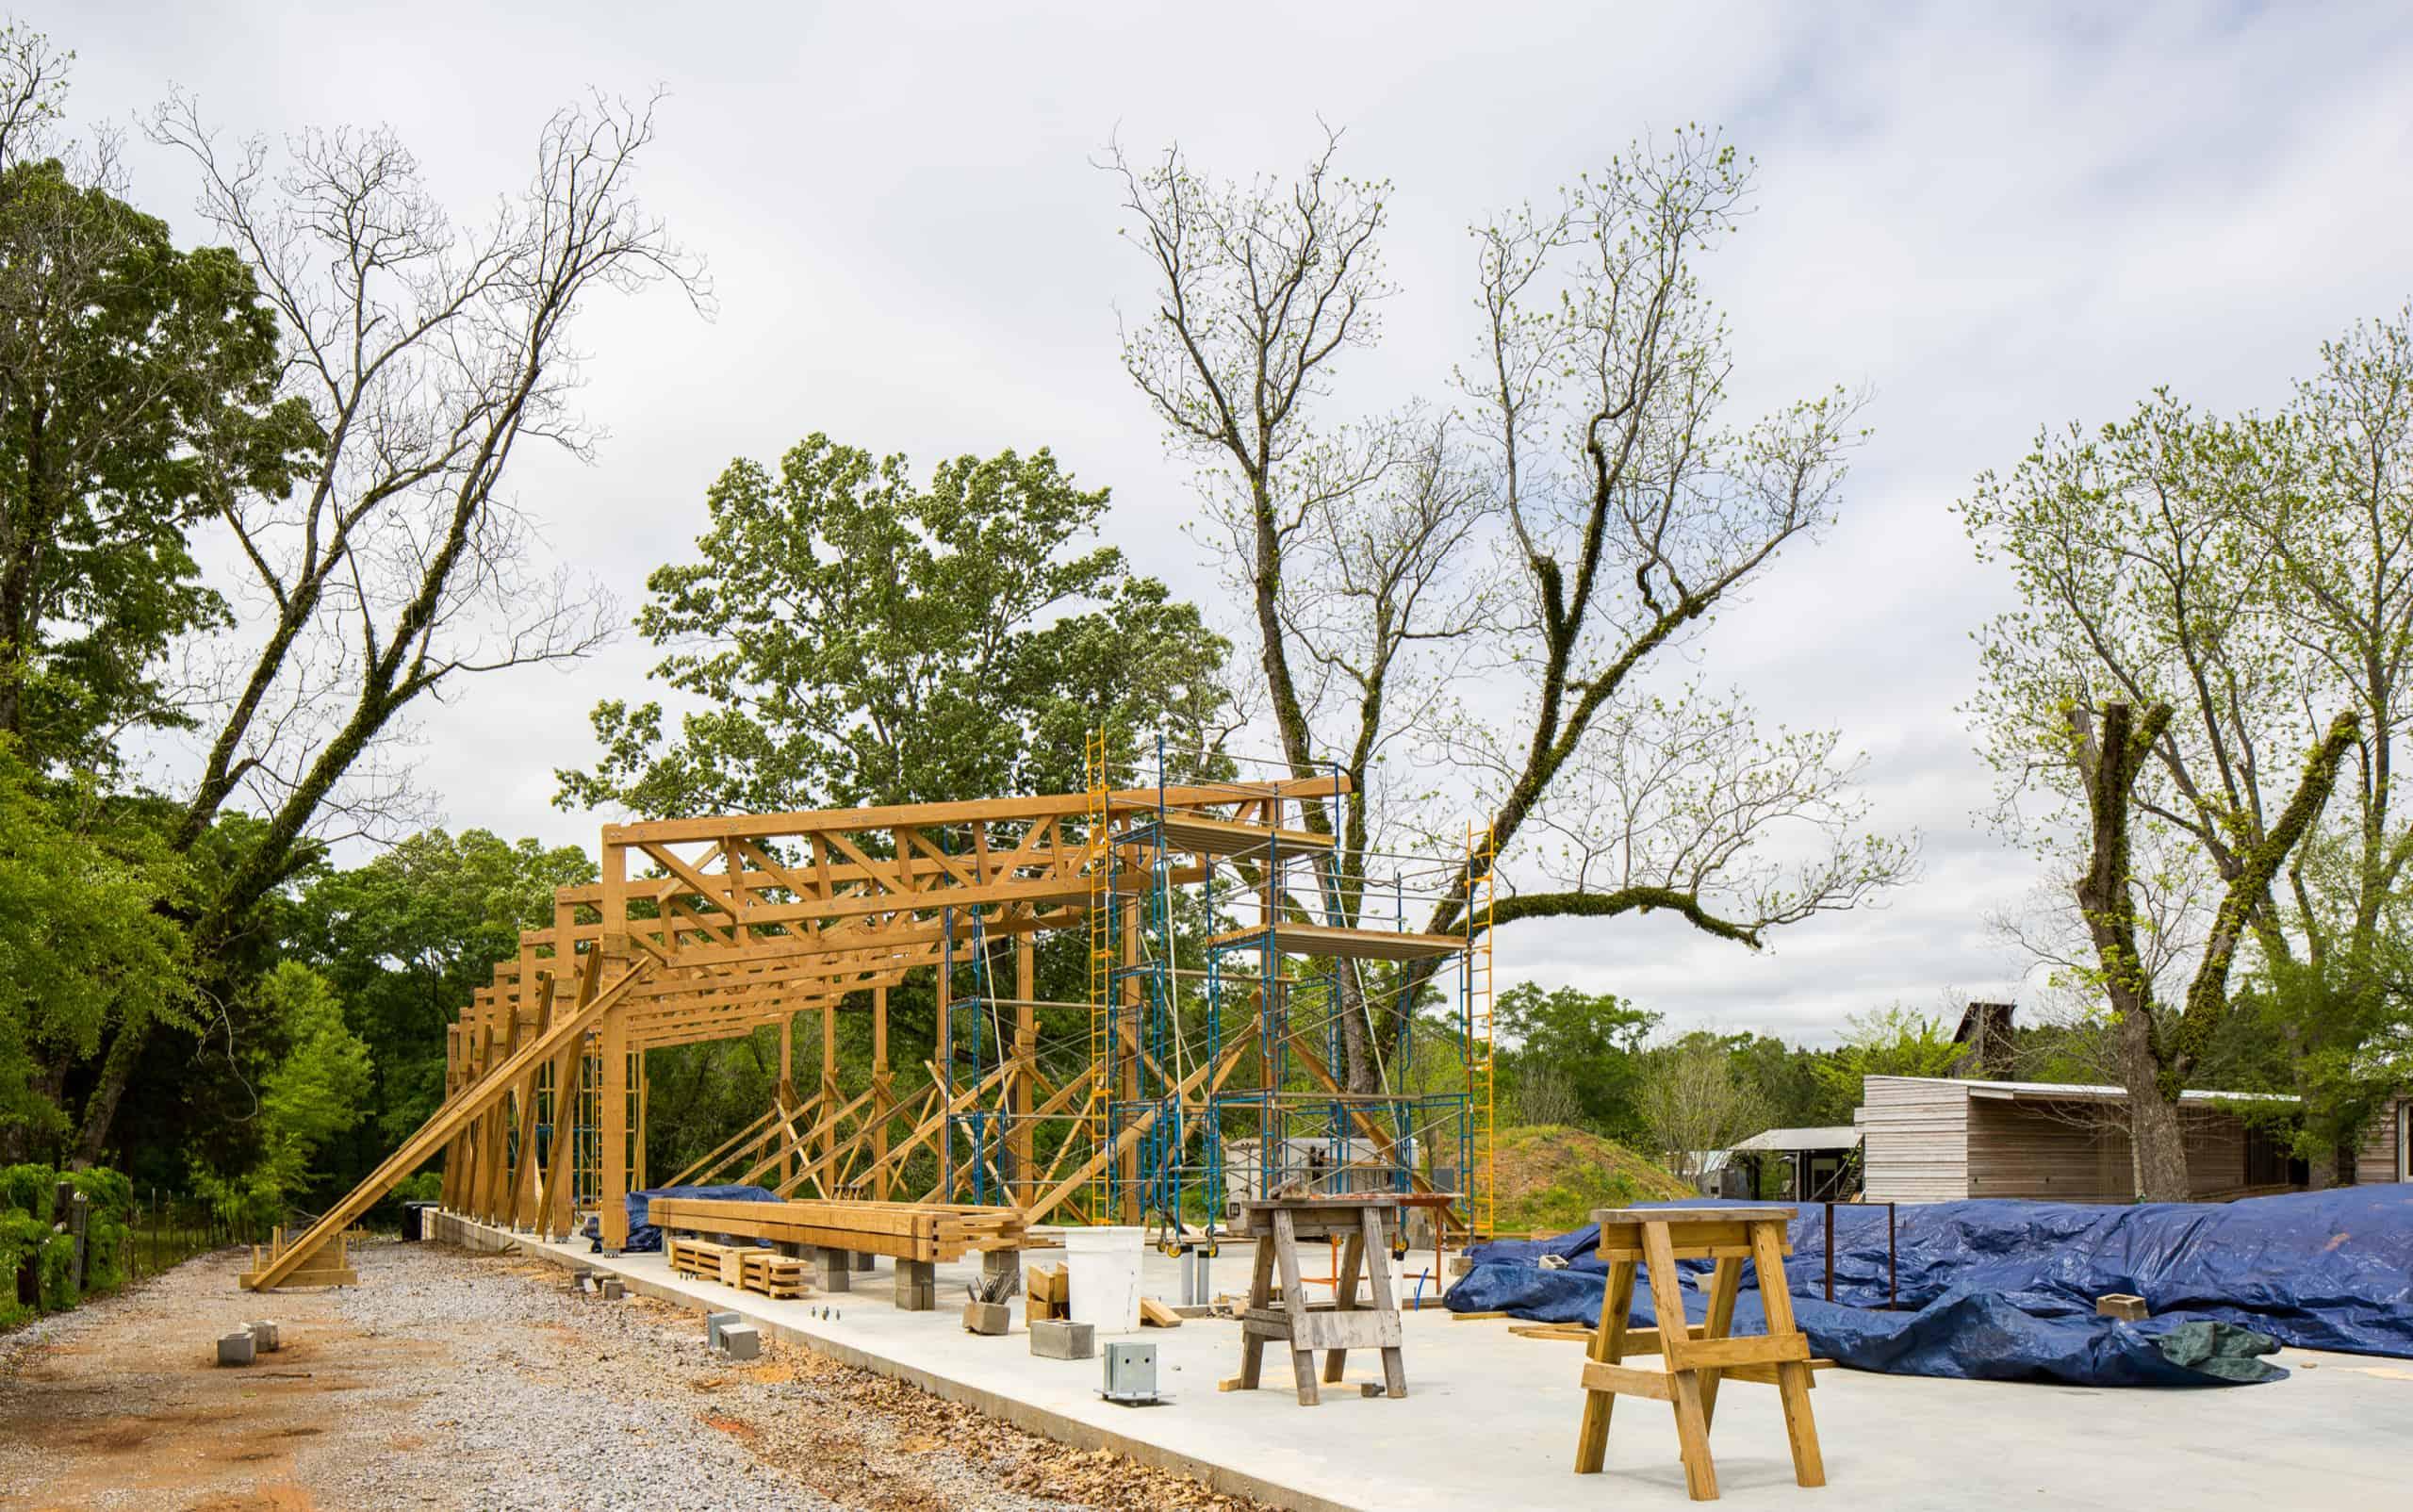 pavilion mid-construction